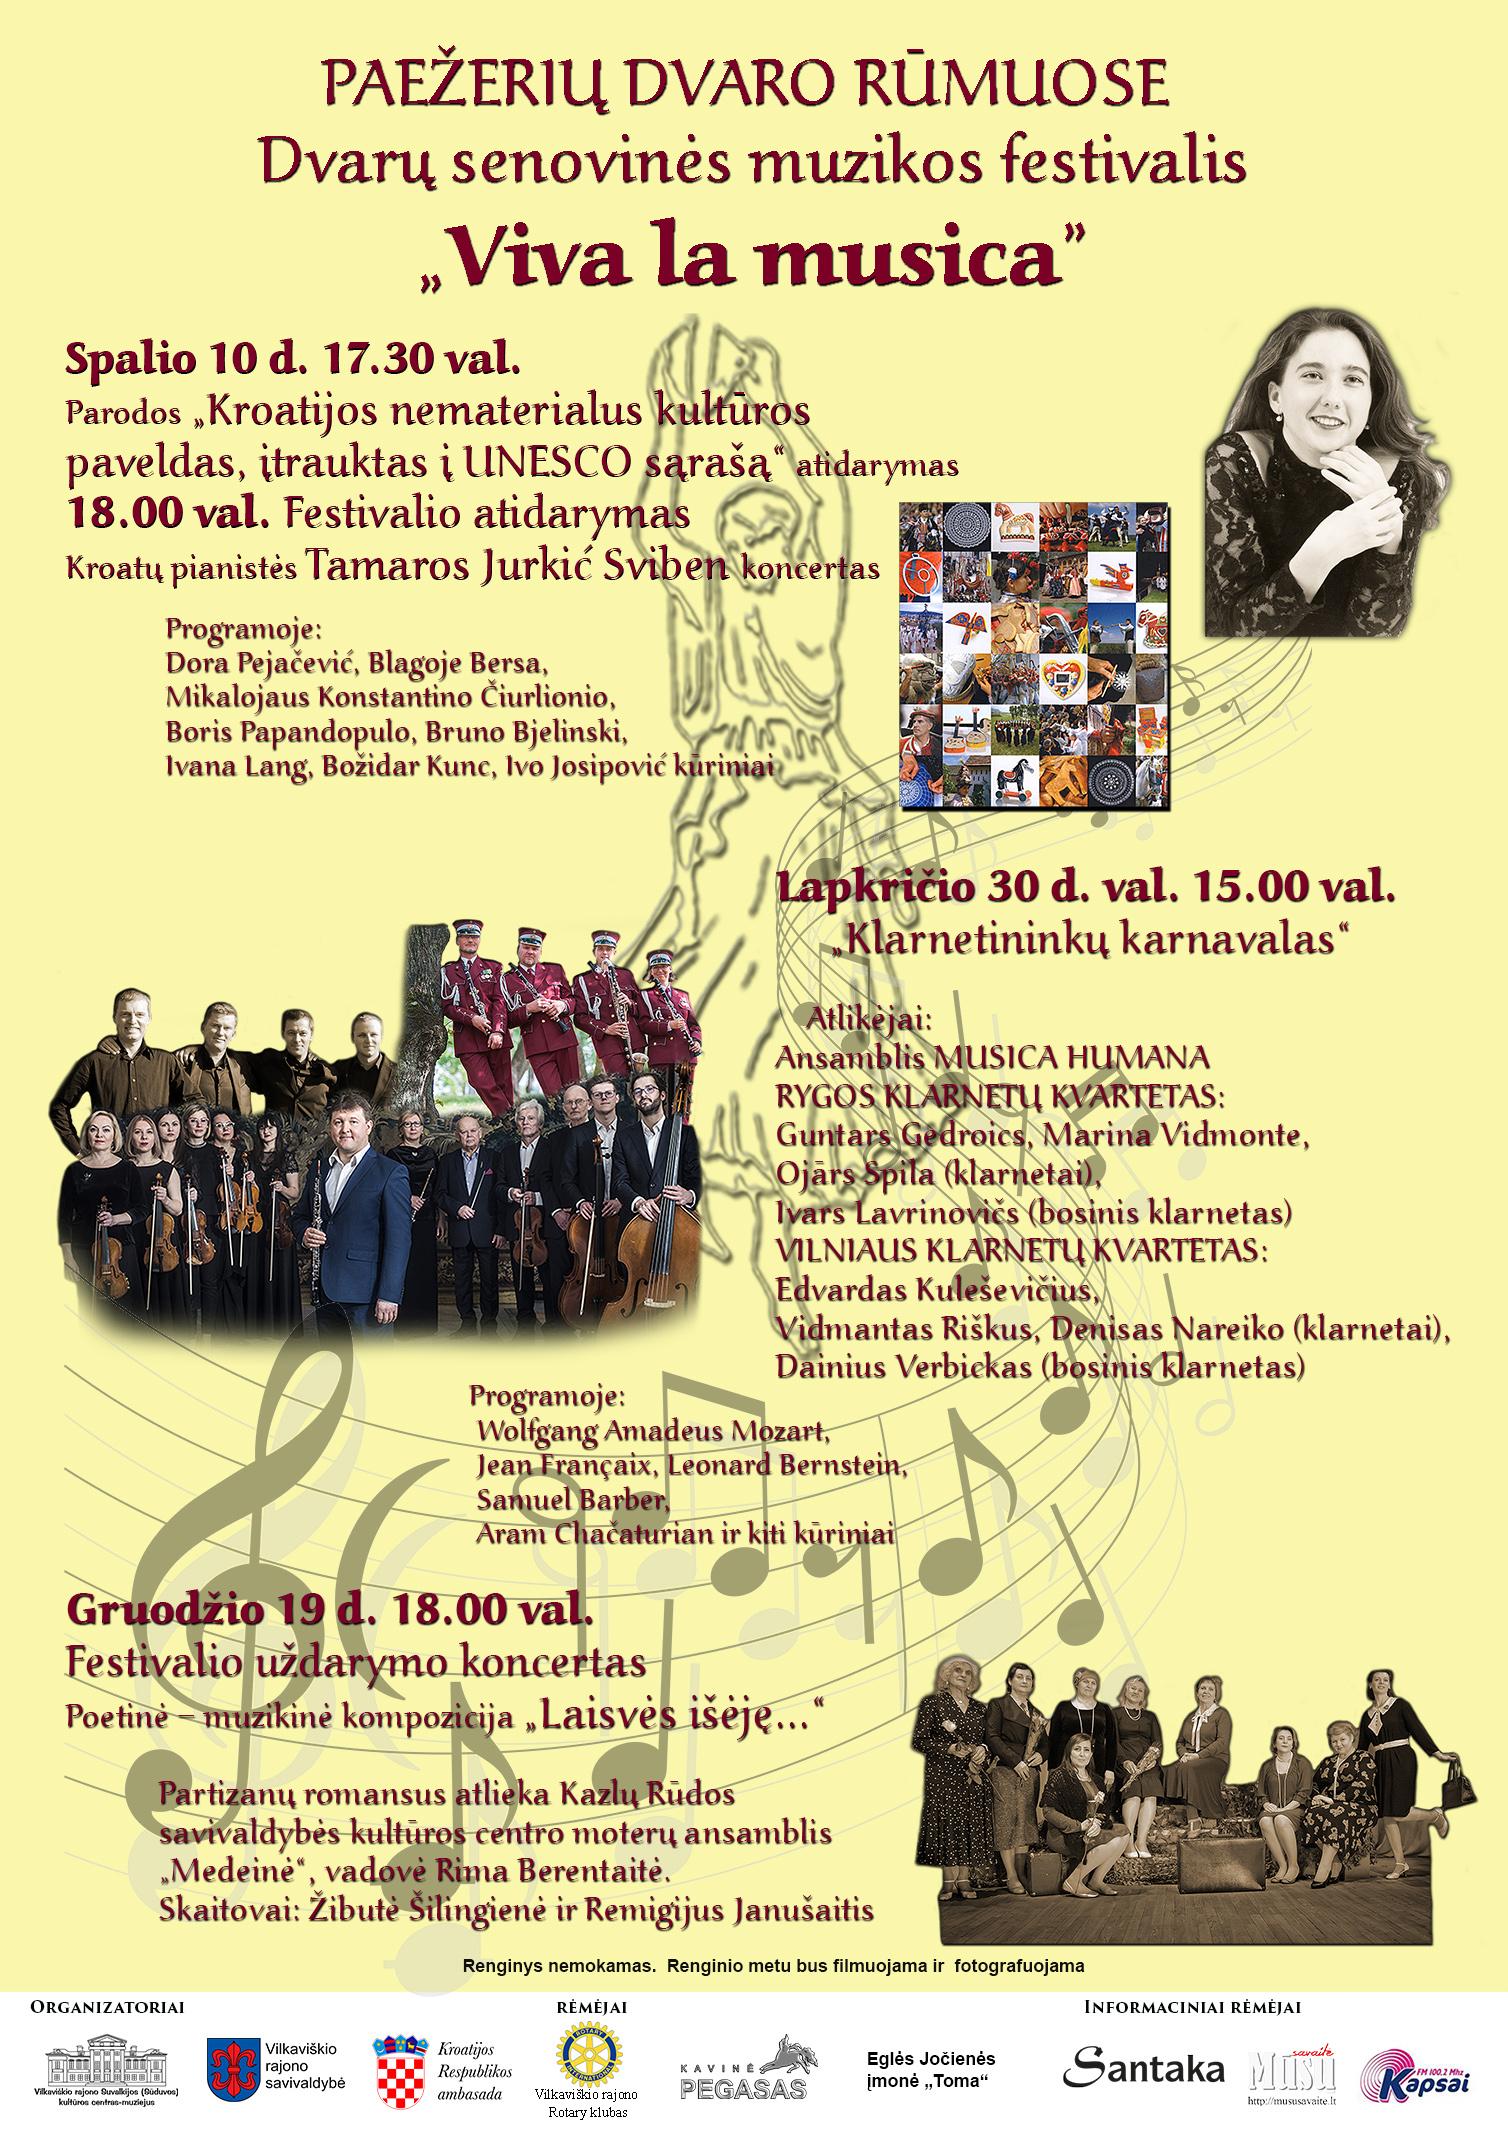 Dvarų senovinės muzikos festivalis